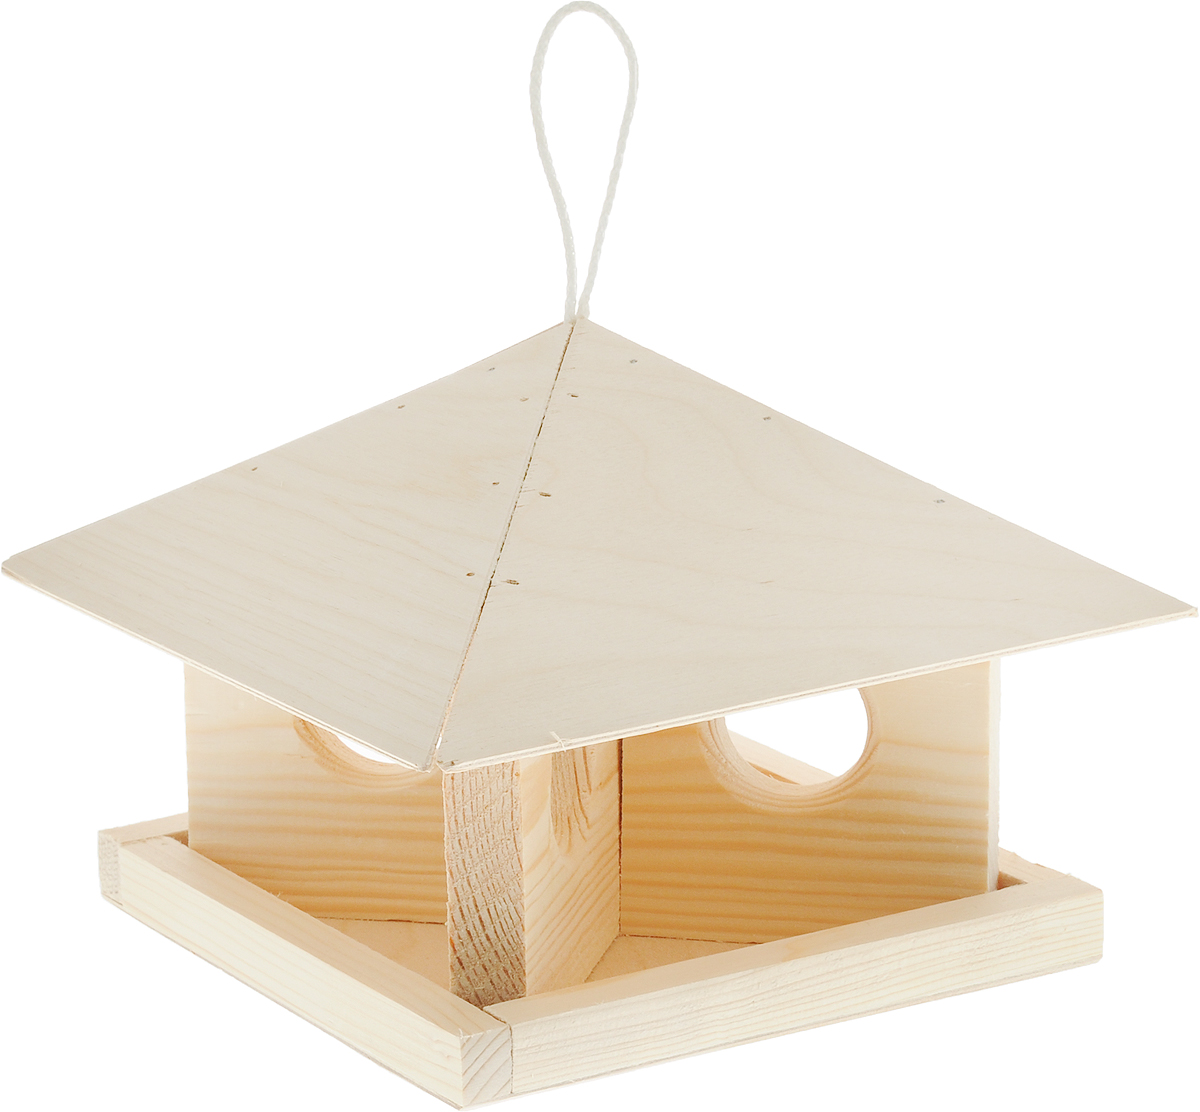 Кормушка для птиц Шатер, 23 х 23 х 18 см кормушка для птиц savic weekend feeder 5905 0000